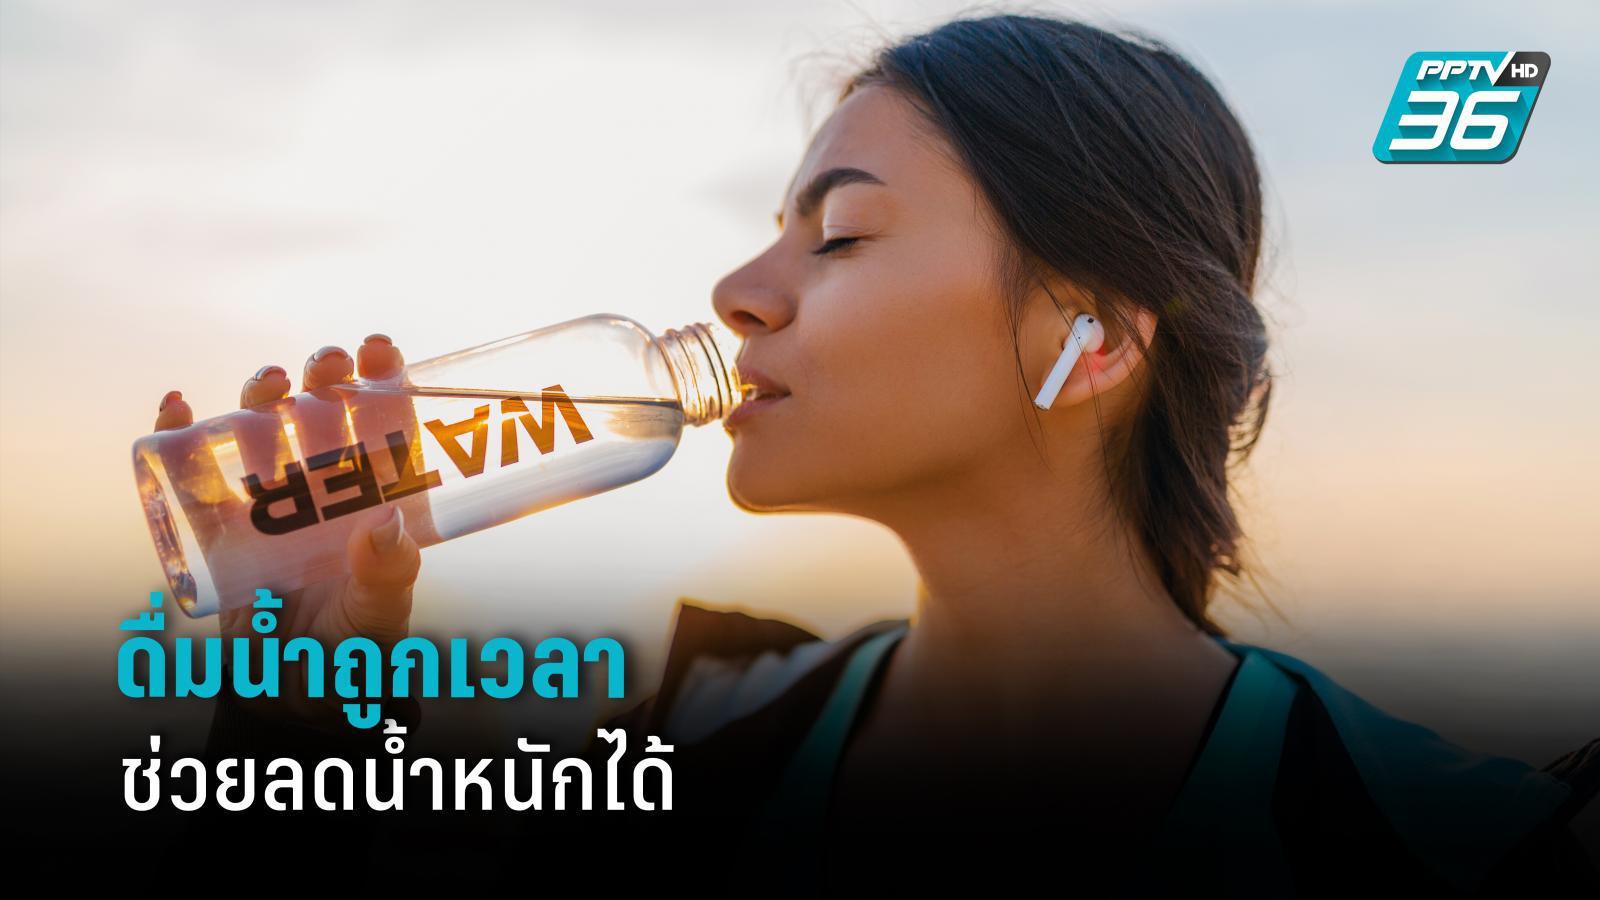 แค่ดื่มน้ำให้ถูกวิธีสามารถช่วยน้ำหนักลด สุขภาพผิวดี แถมยังชะลอวัย